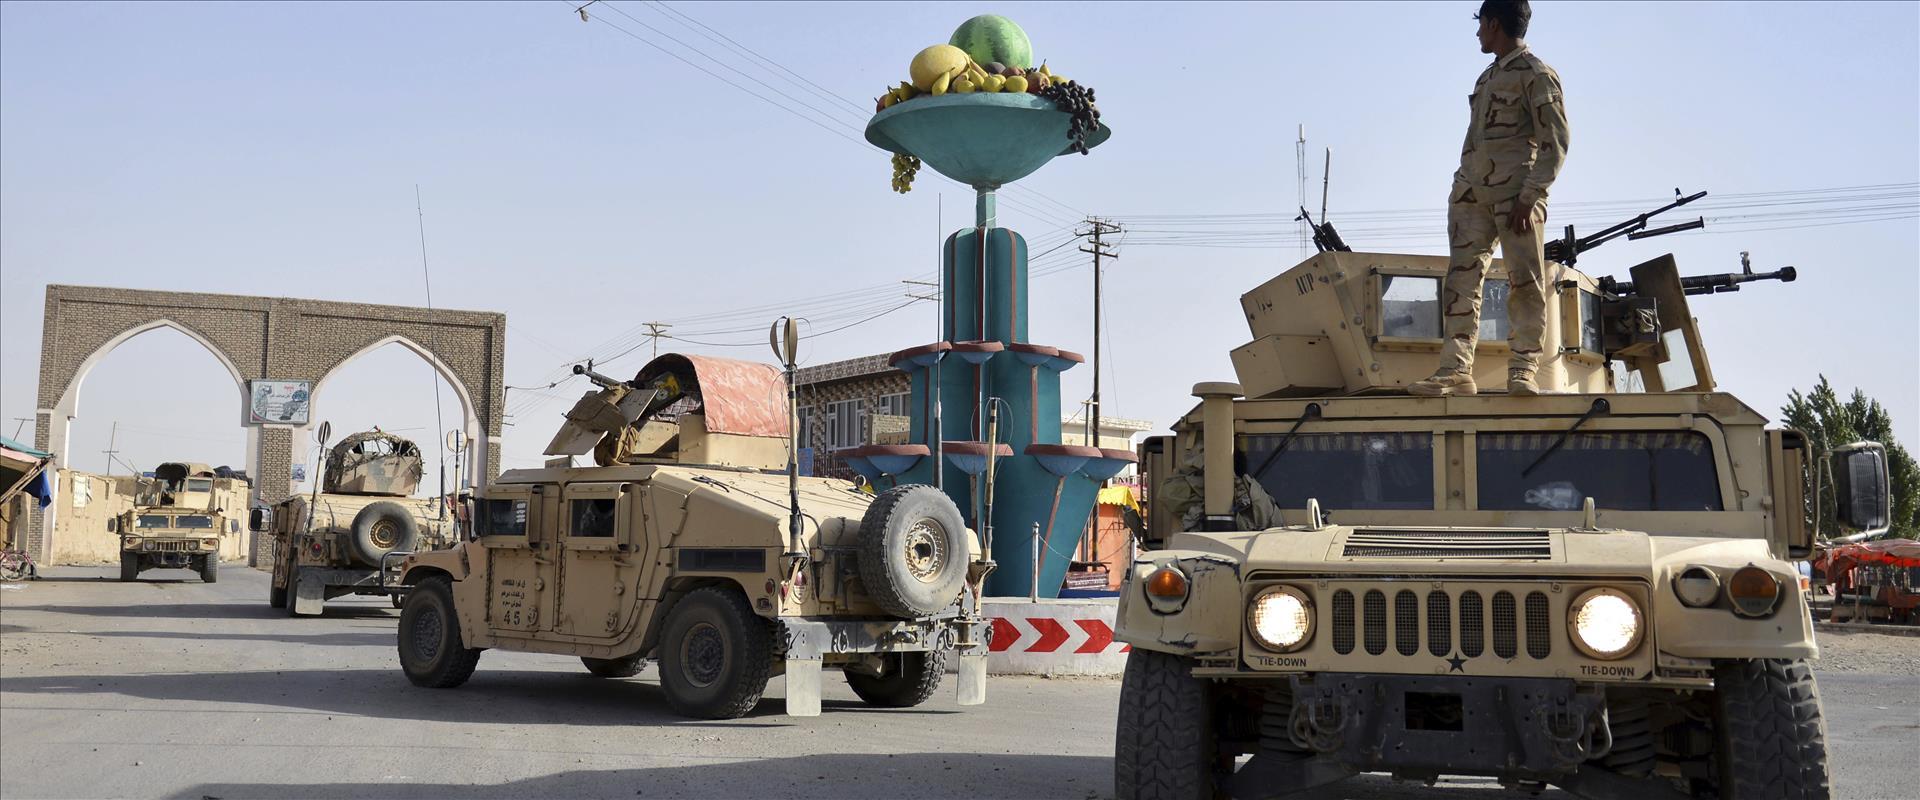 חיילים אמריקנים באפגניסטן